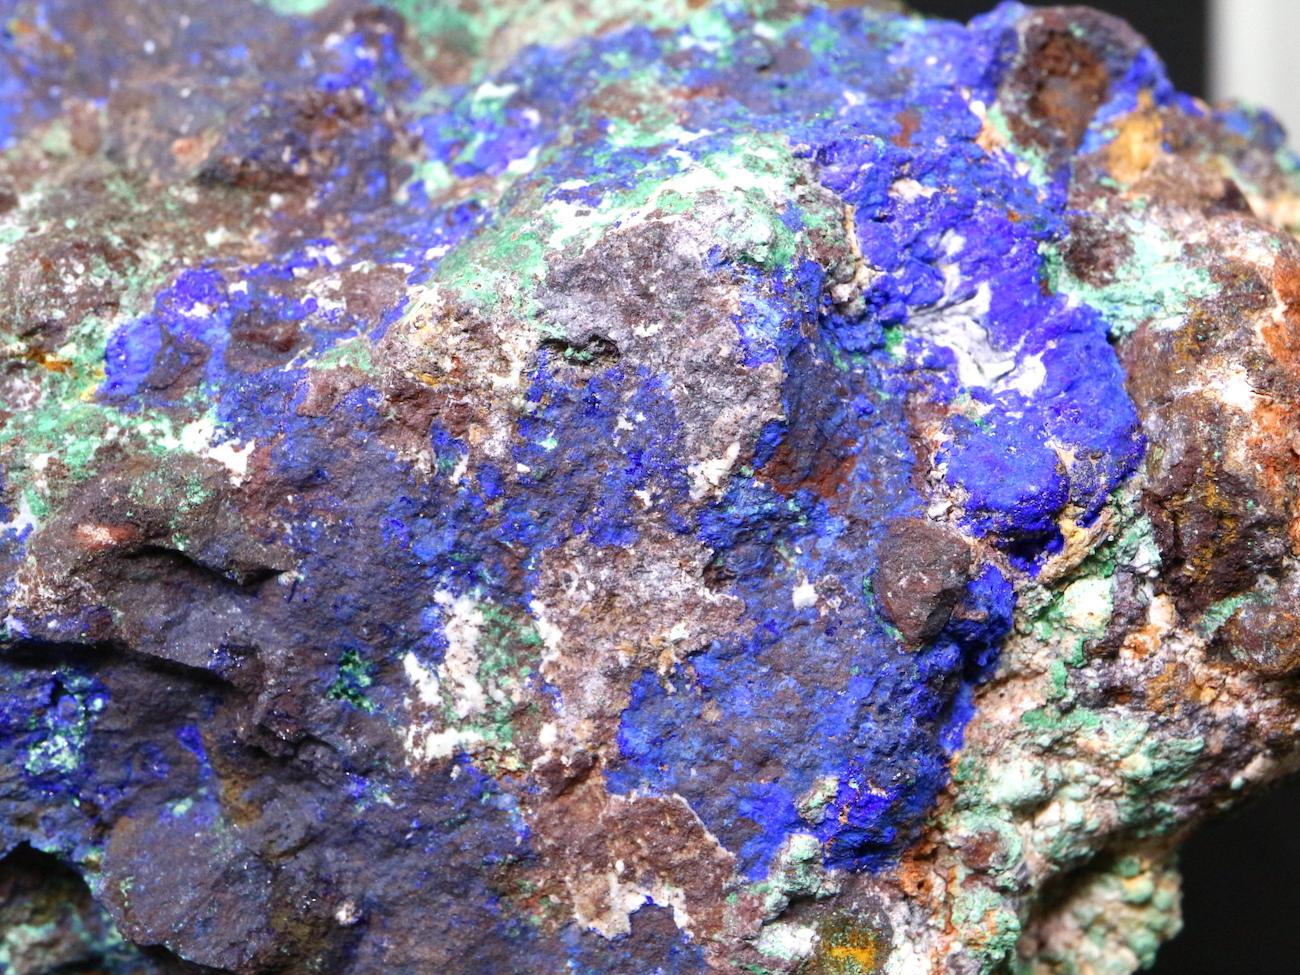 ユタ産 アズライト アジュライト 340,6g 原石 鉱物 標本 AZR005 パワーストーン 天然石